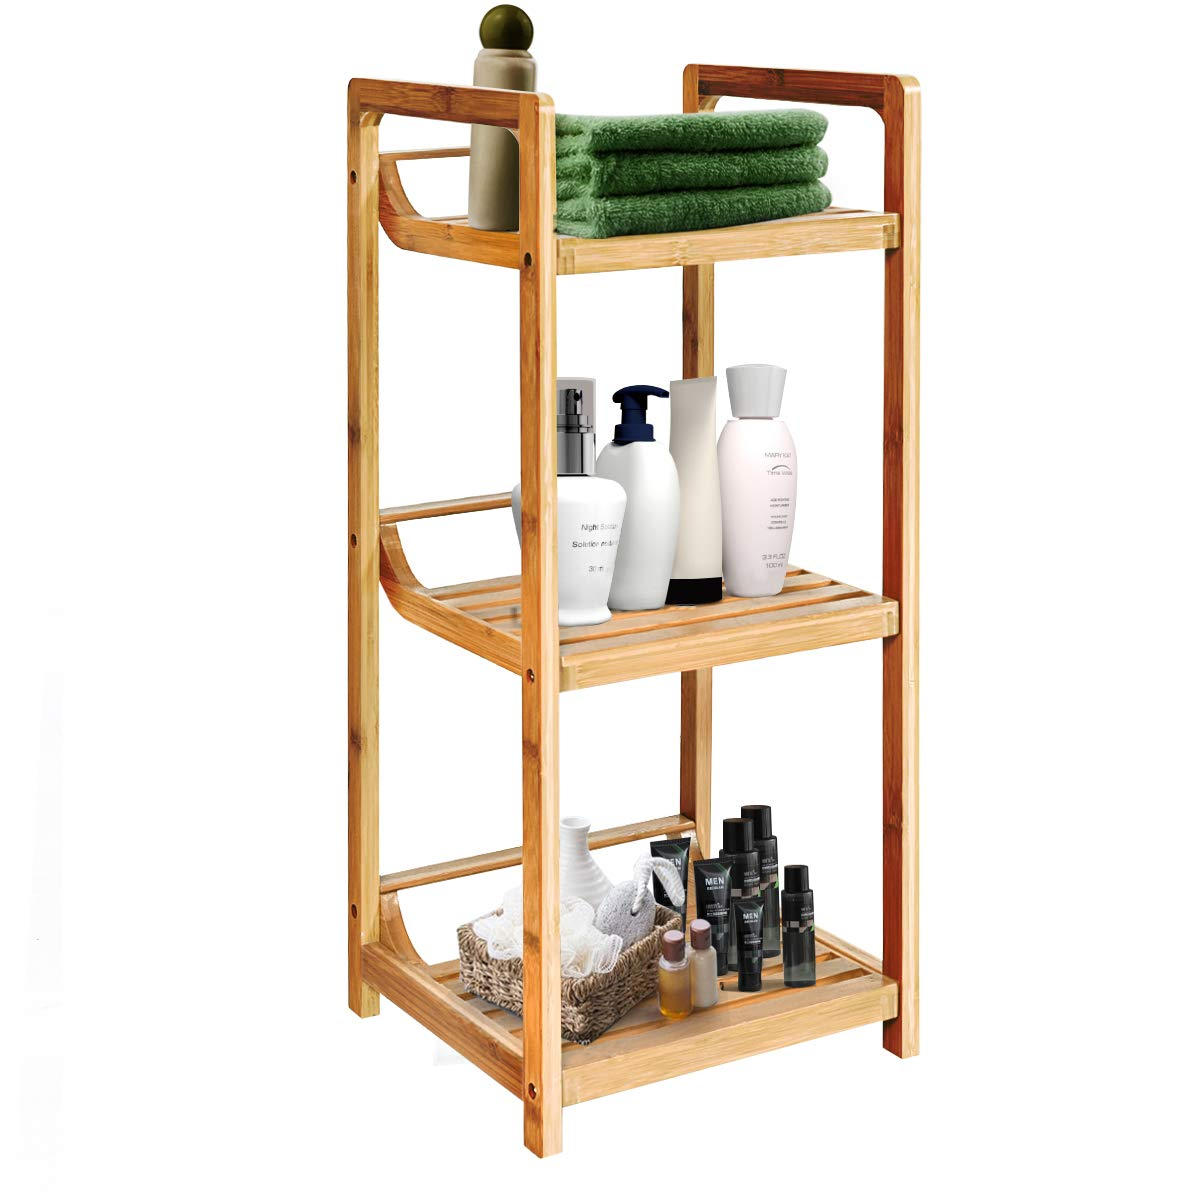 Giantex 3-Tier Bathroom Shelf Bamboo Bath Storage Space Saver Organizer Shelves Rack Shelving Unit (Natural)